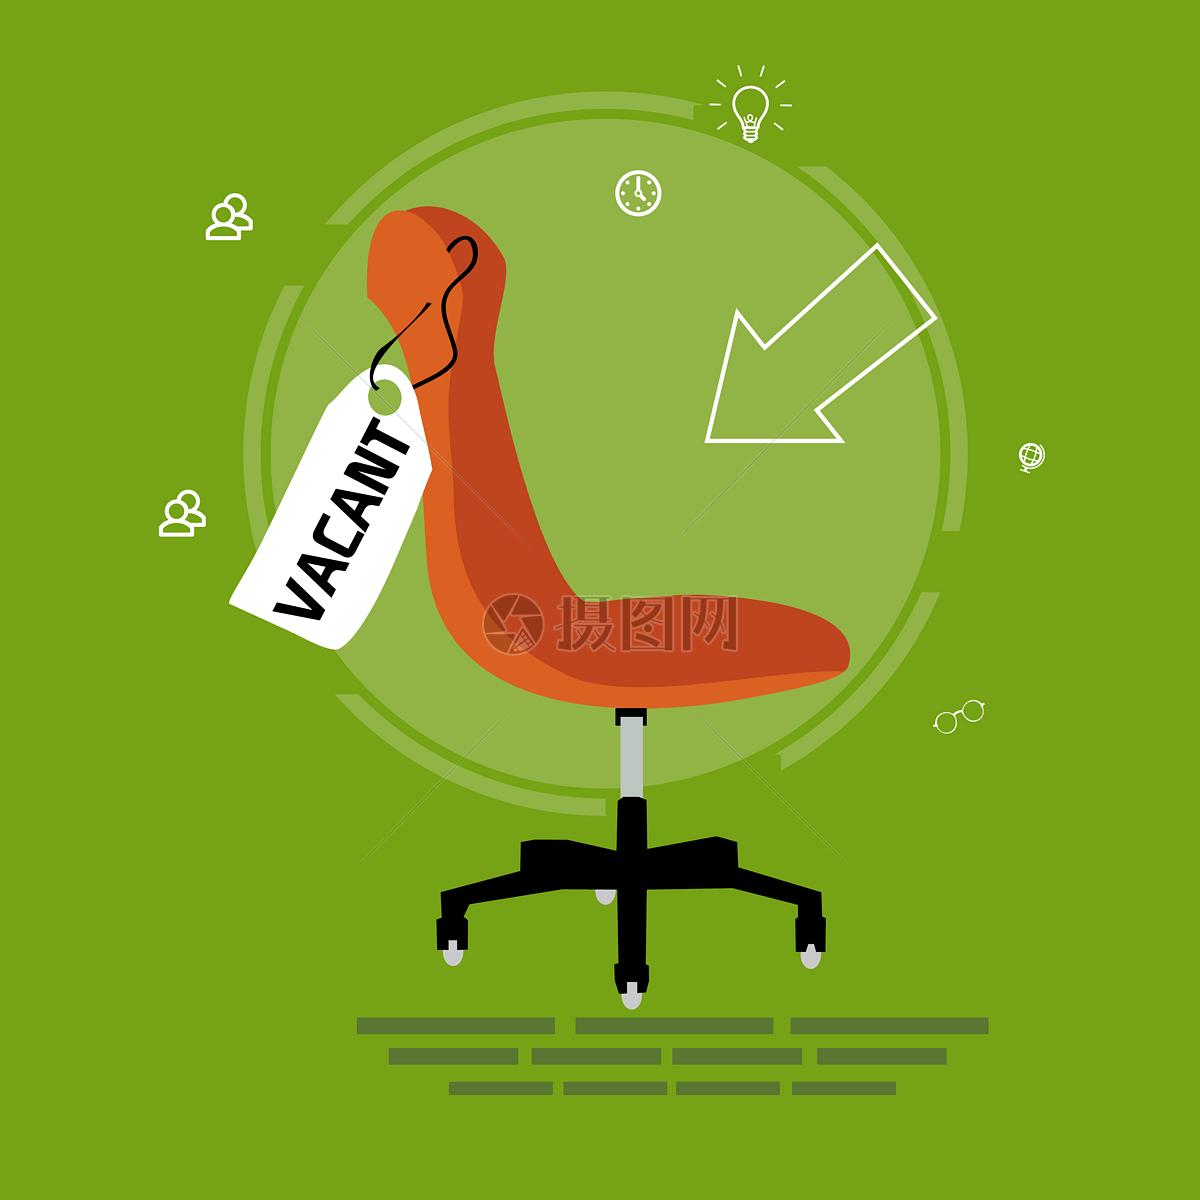 椅子的卡通图片